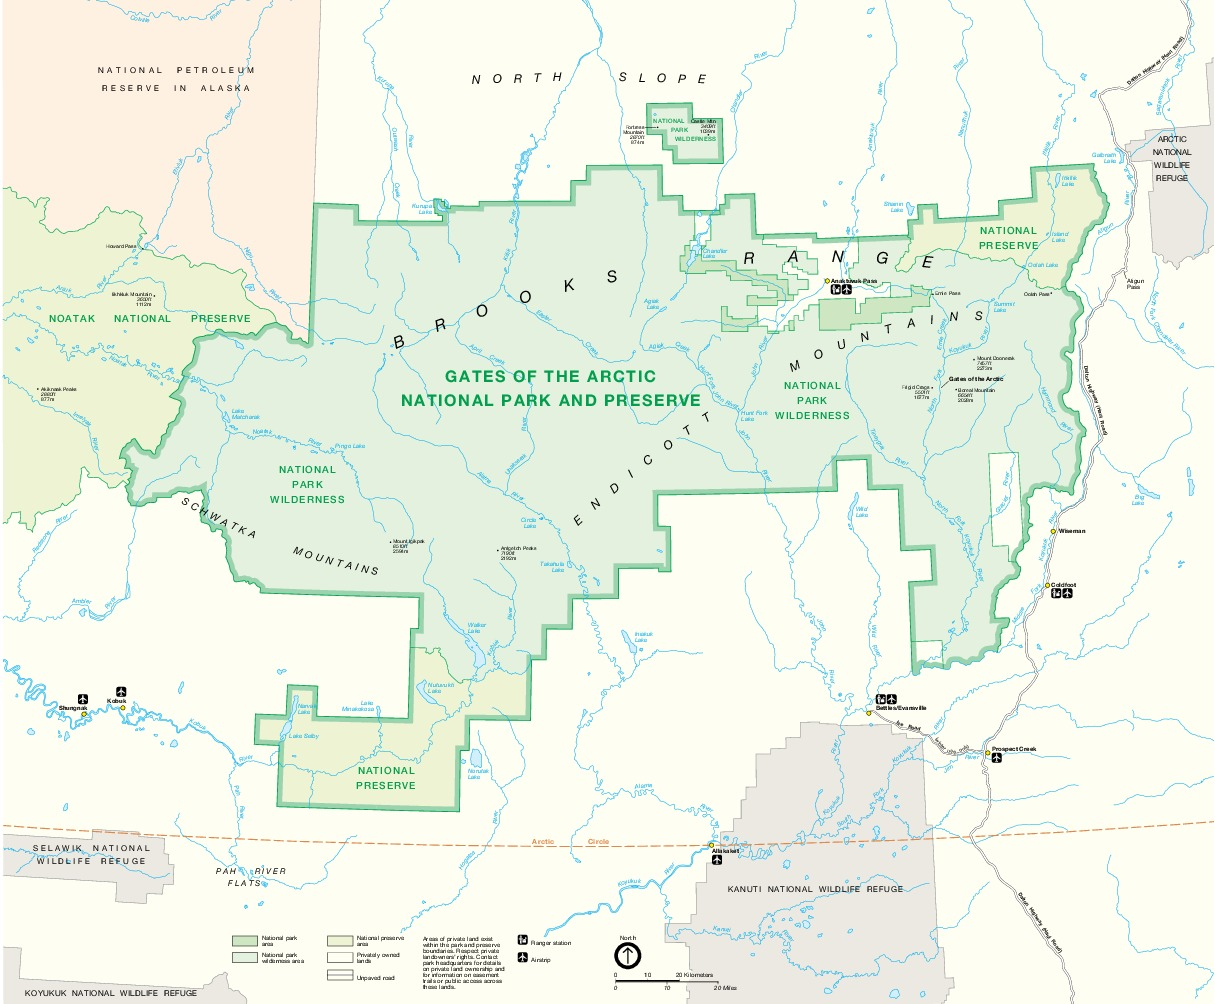 Mapa del Parque Nacional y Reserva Natural Gates of the Arctic en la Cordillera Brooks, Alaska, Estados Unidos